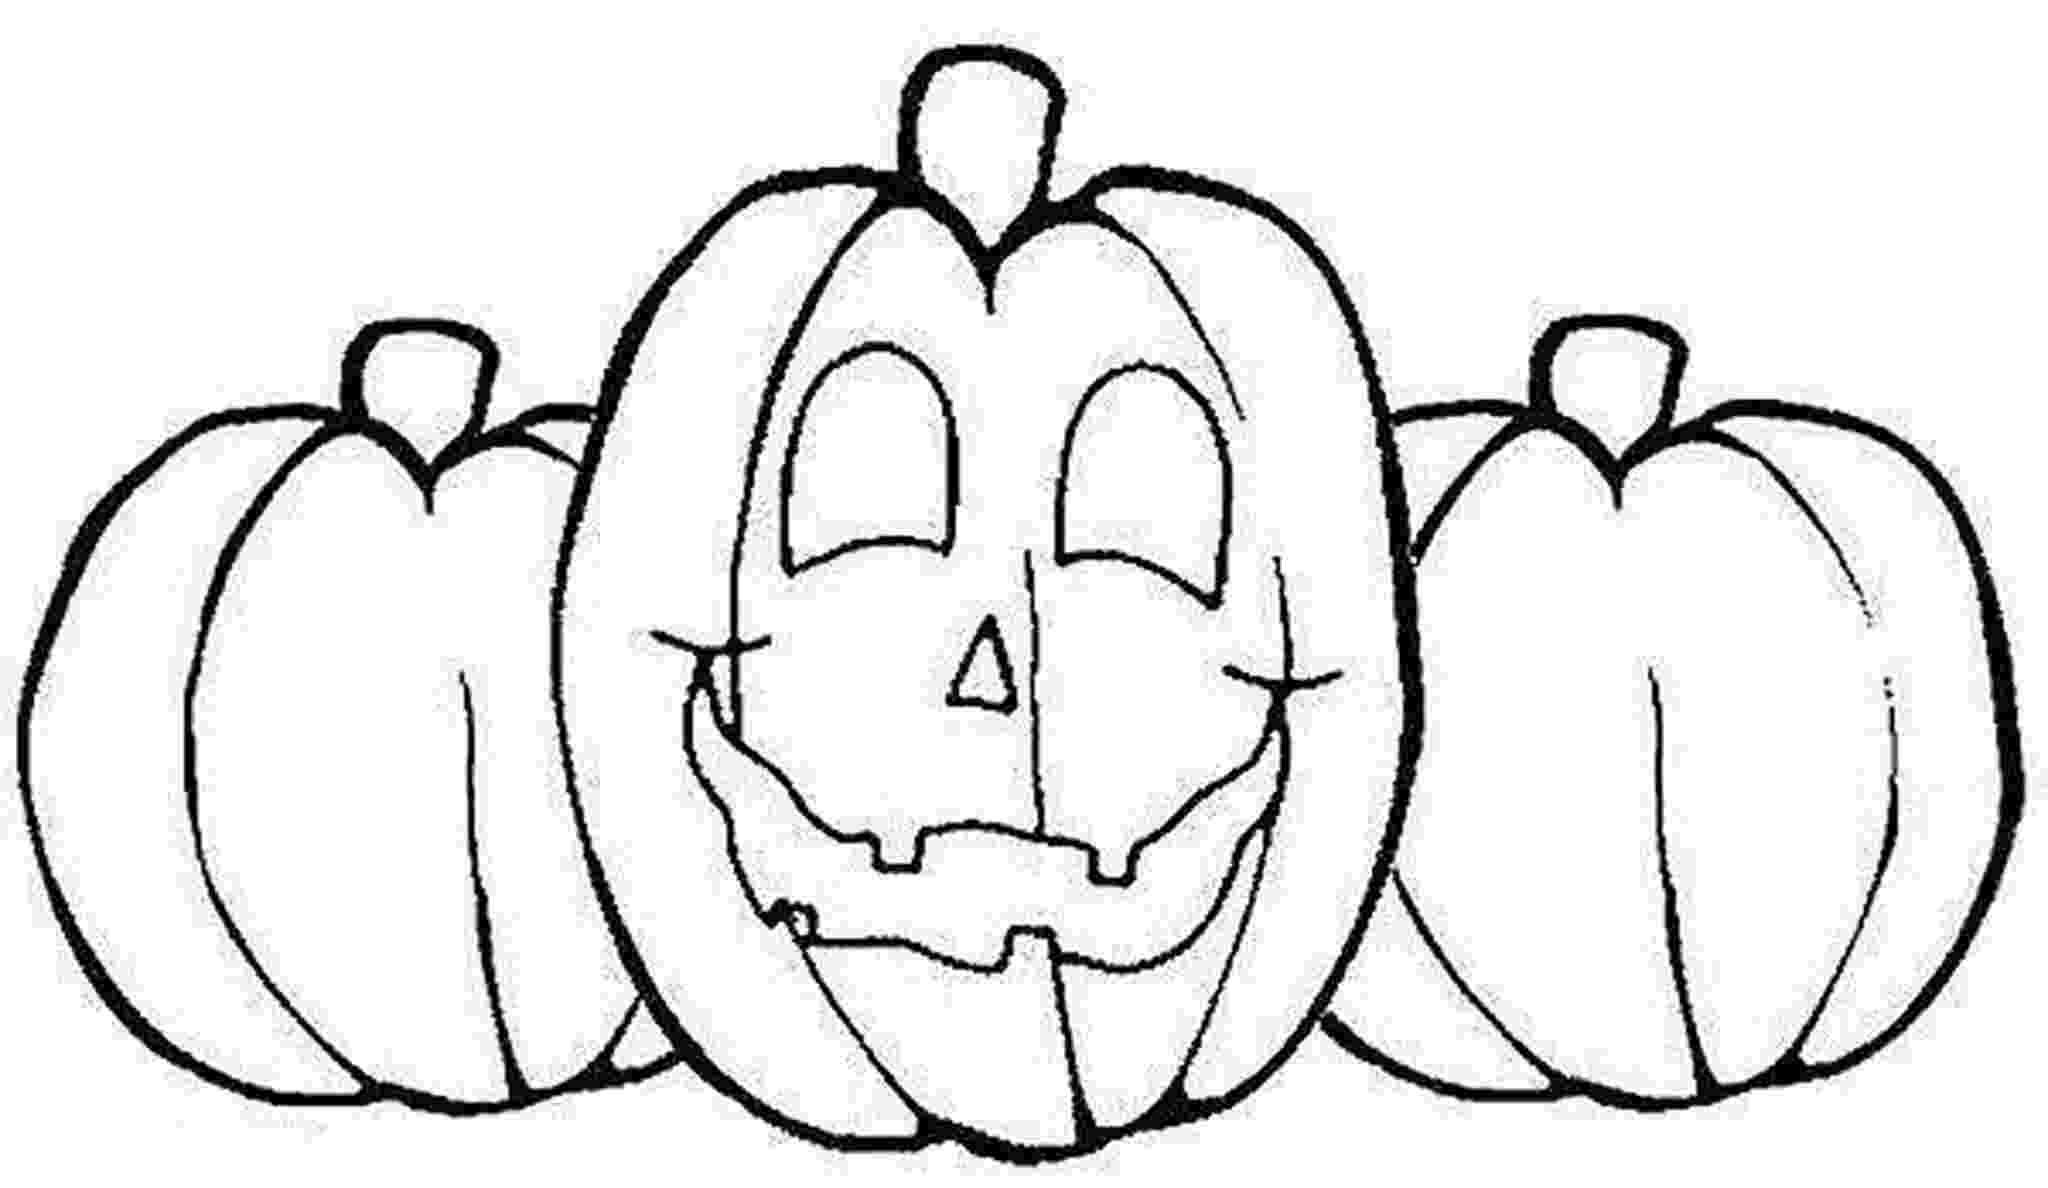 pumpkin color pages printable printable pumpkin coloring page for kids 4 supplyme pumpkin color pages printable